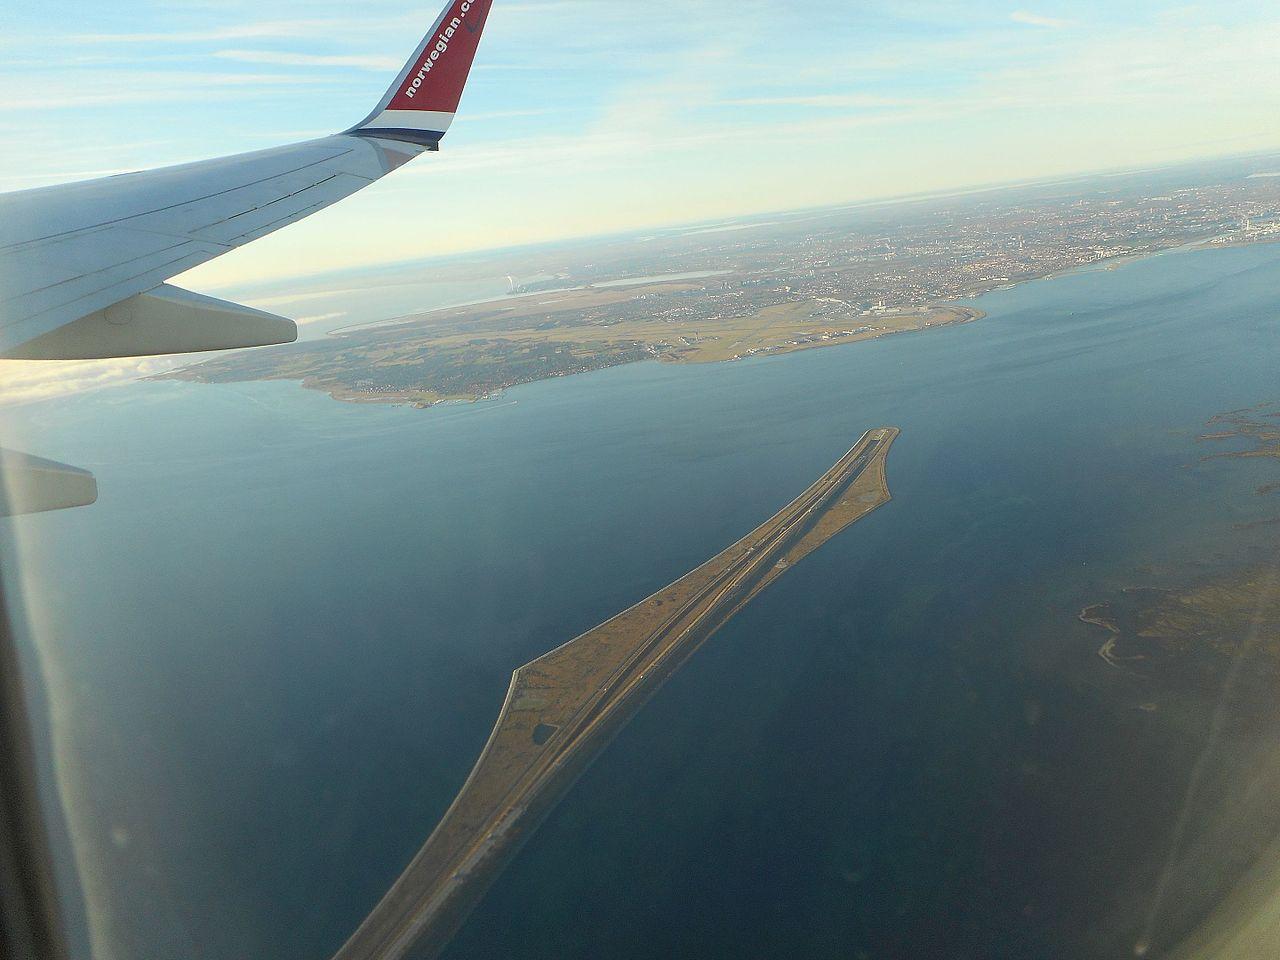 Вид на Эресуннский мост и остров Пеберхольм с пассажирского самолета. Источник https://upload.wikimedia.org/